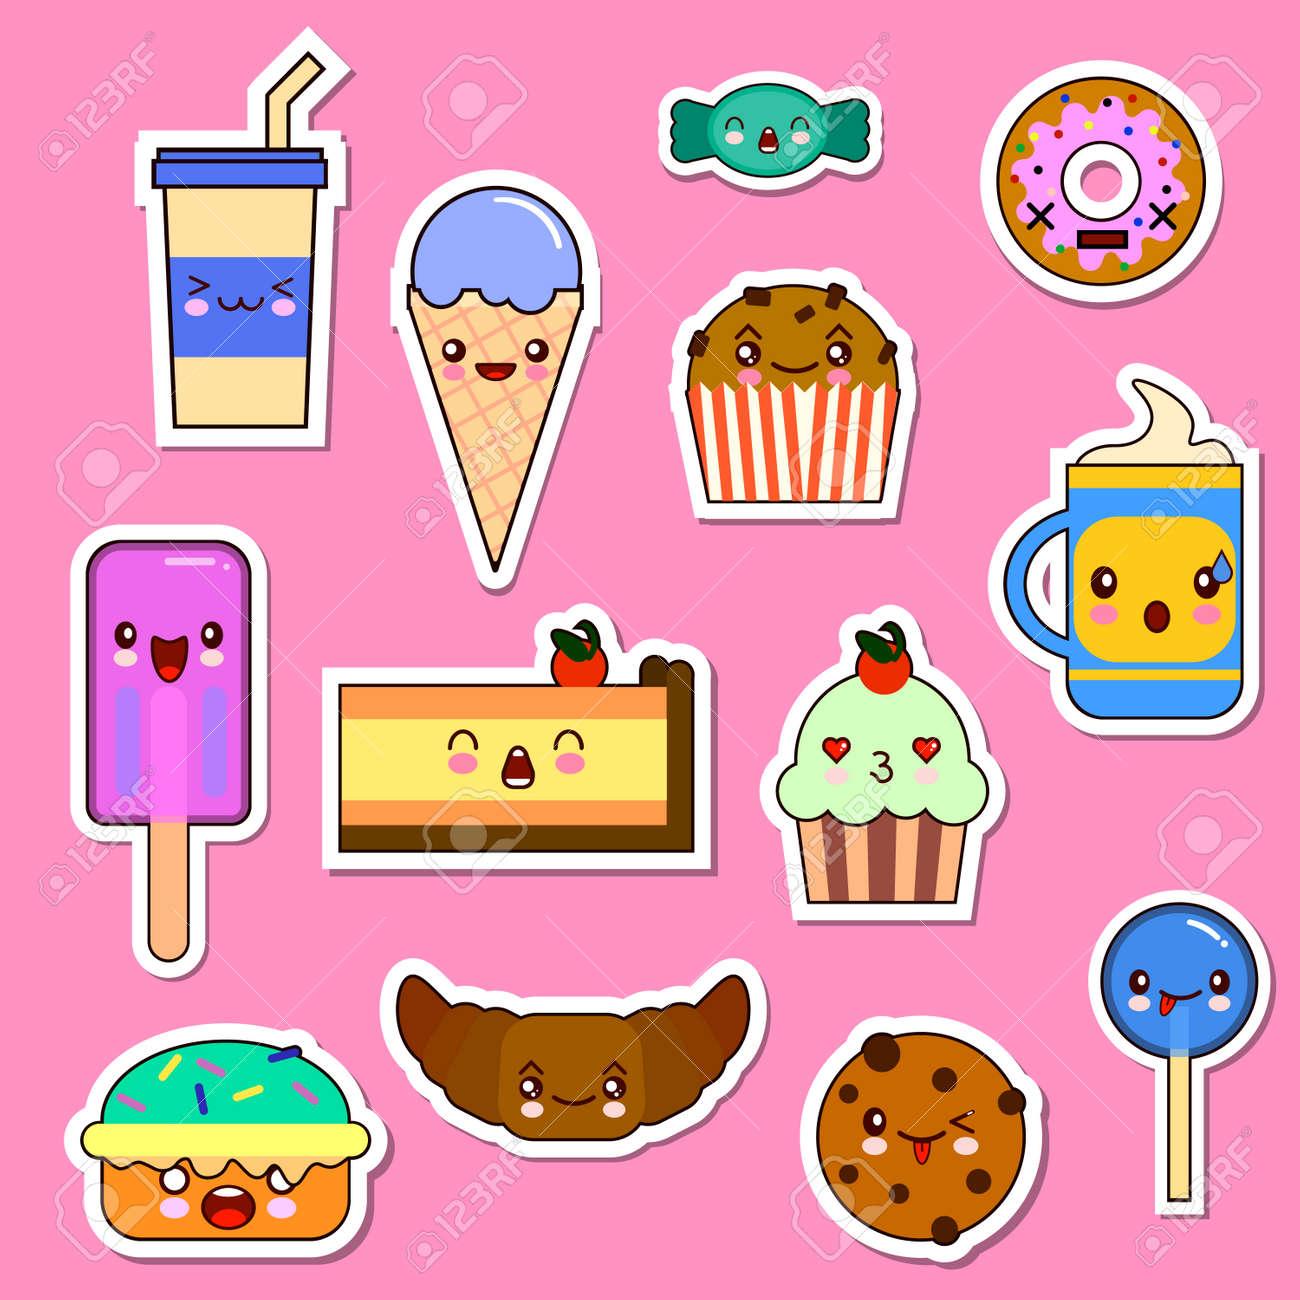 Conjunto De Personajes De Comida Kawaii Dulces Y Caramelos